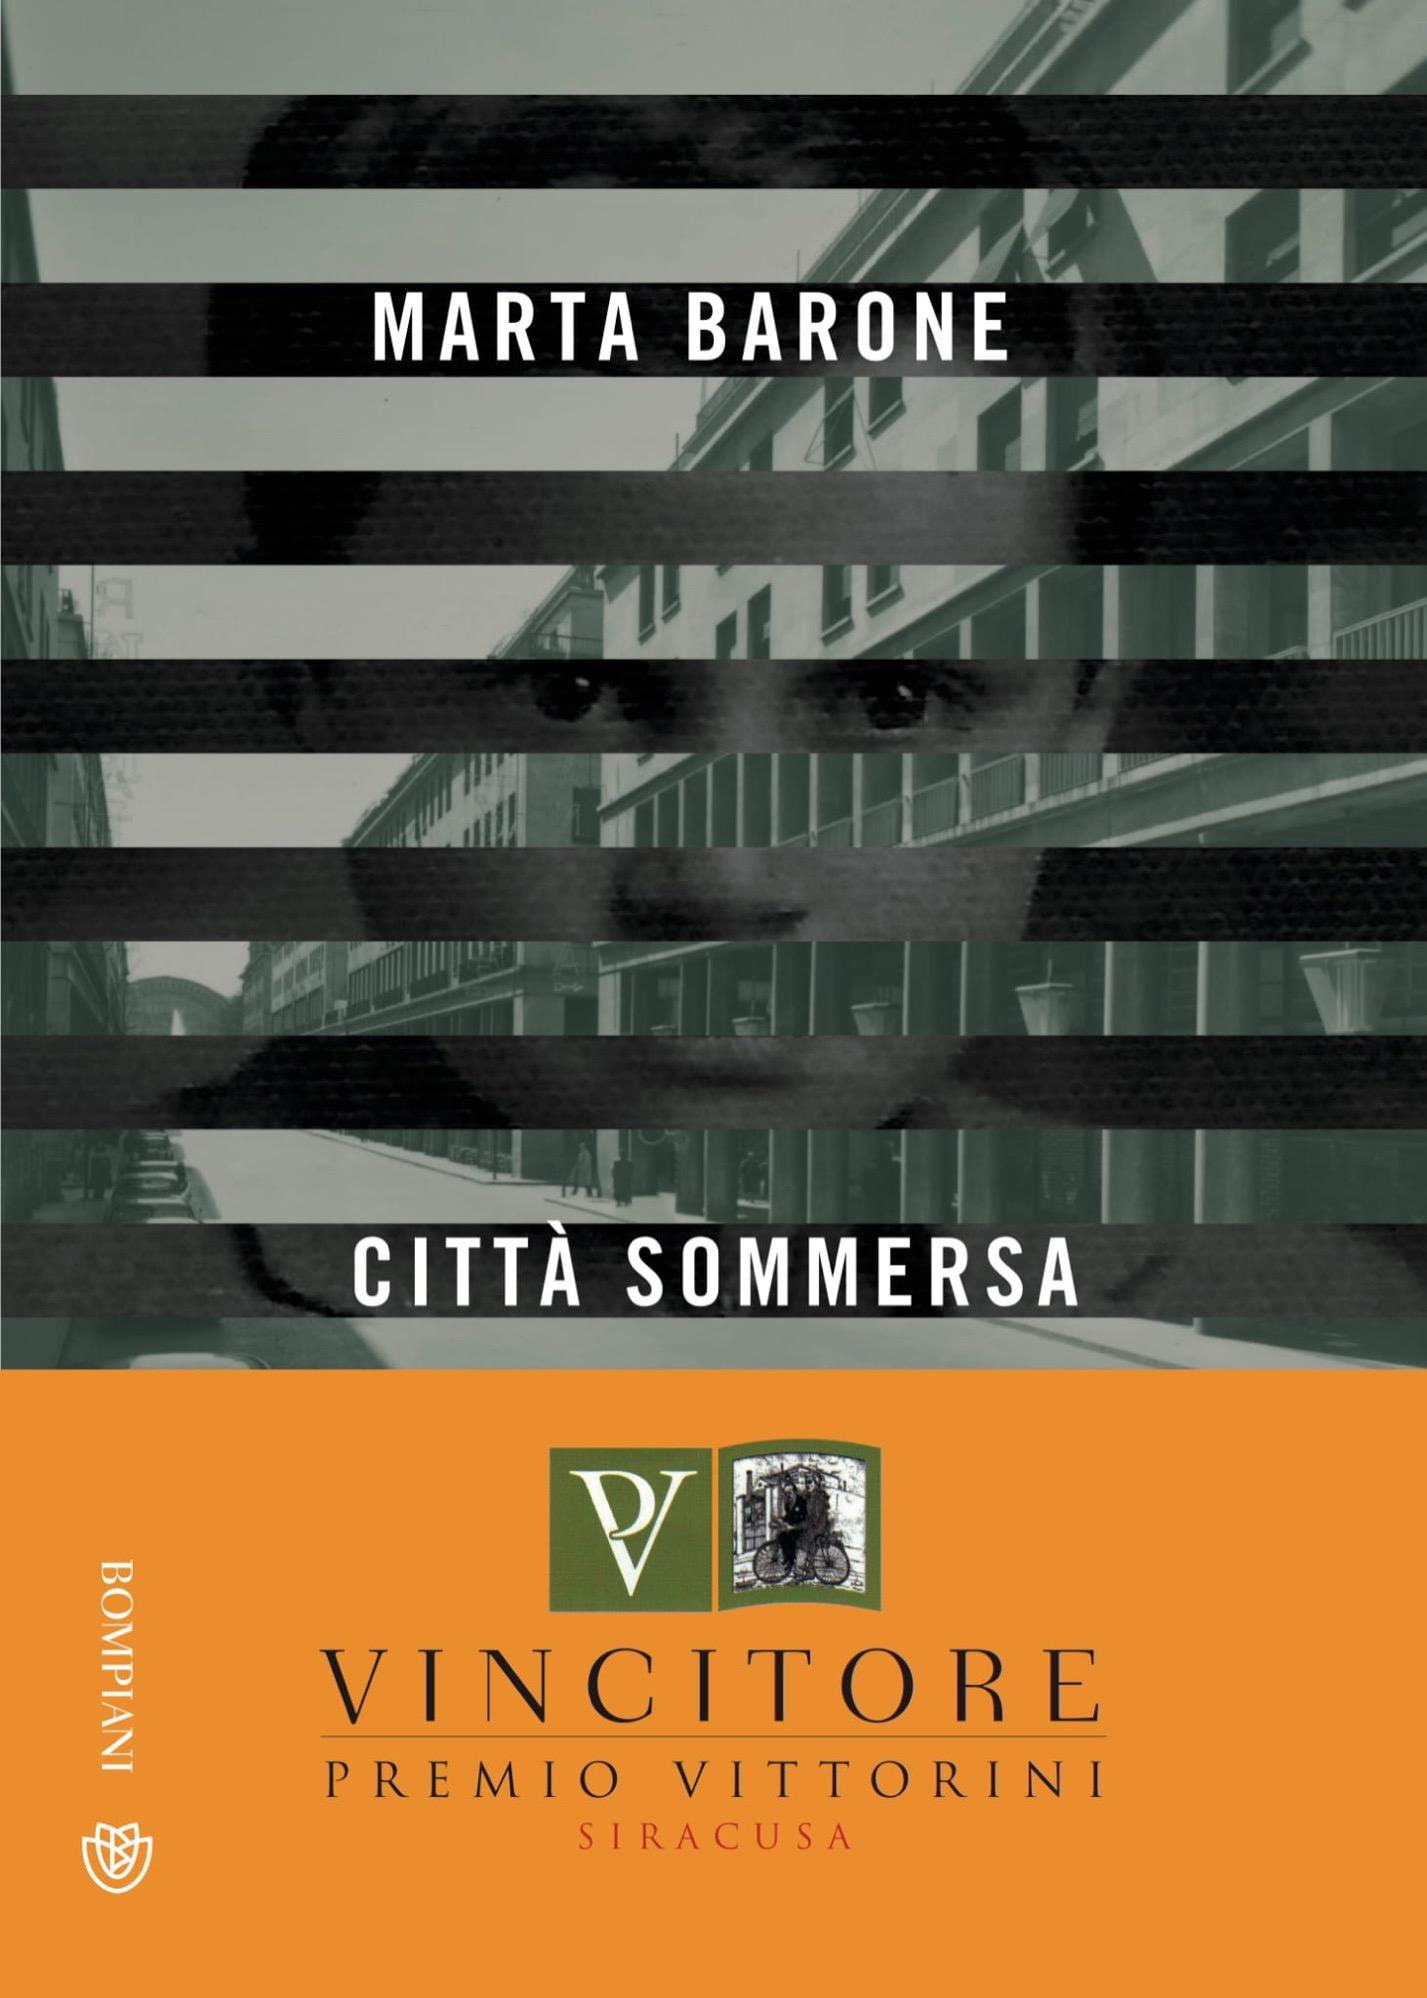 Svelati i vincitori del Premio Vittorini e del Premio Lombardi: la premiazione avrà luogo a Siracusa